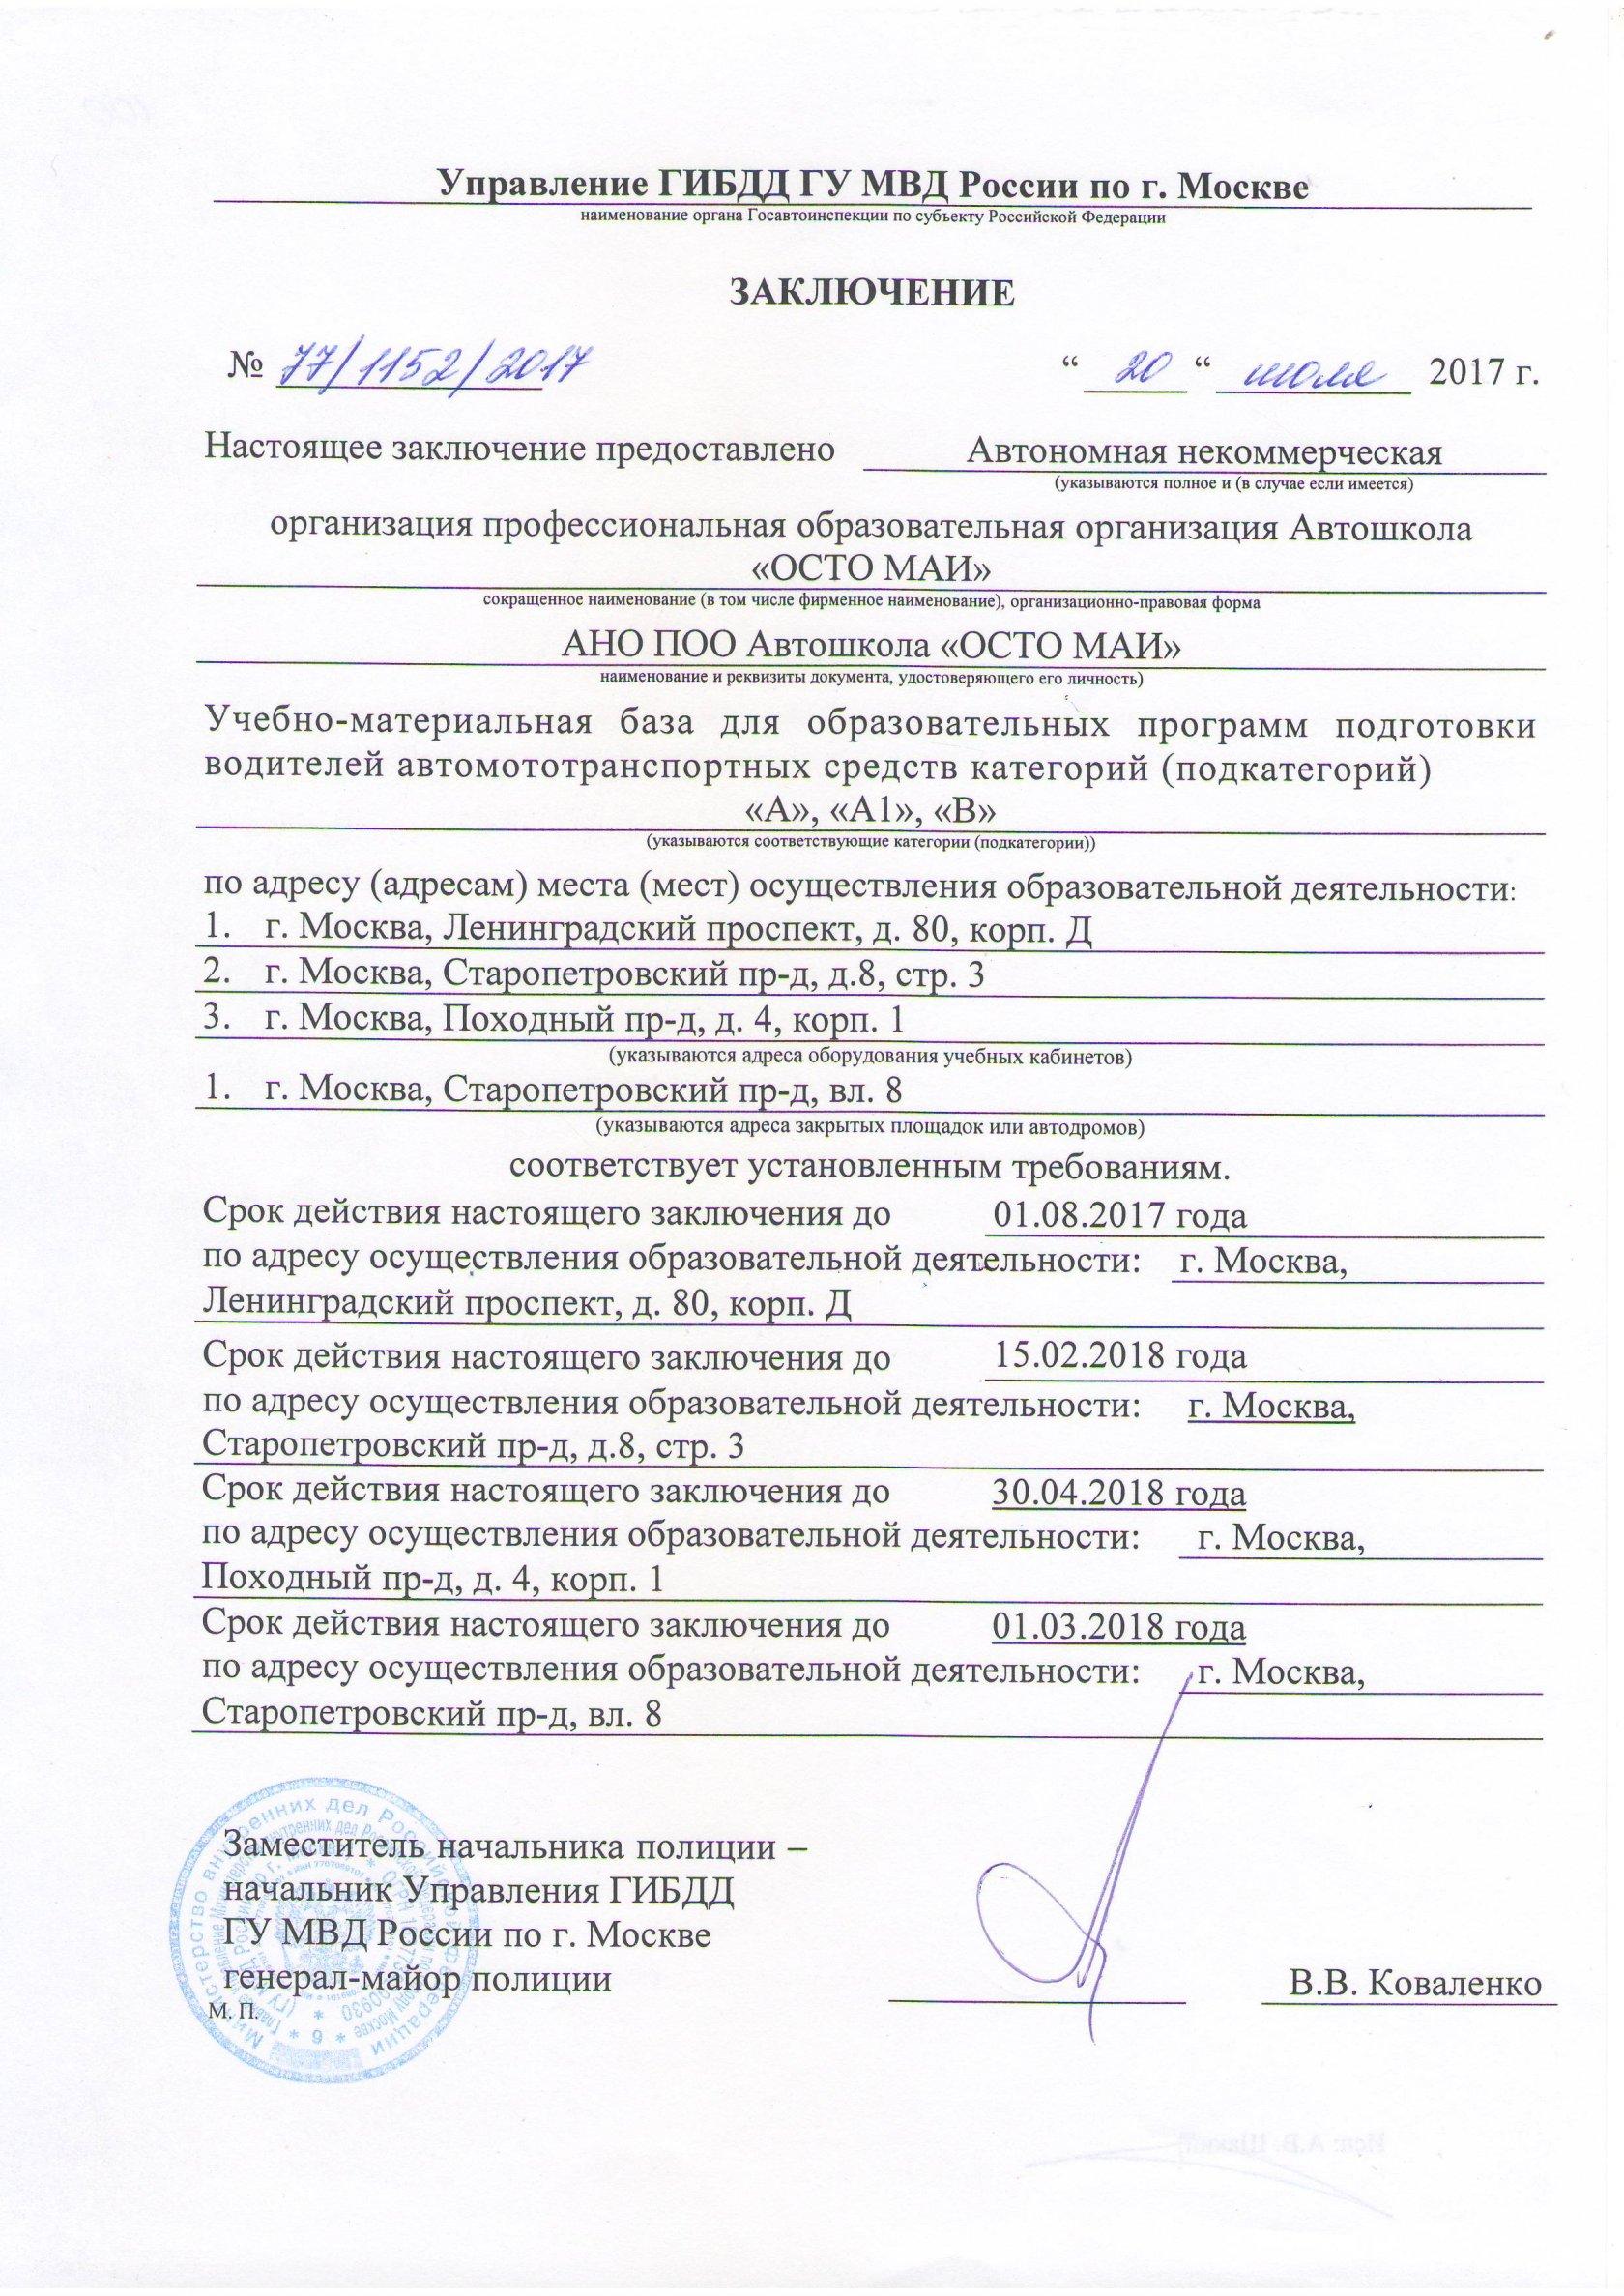 Медицинская справка для гаи м.планерная, м.сходненская Справка 002 о у Электрозаводская